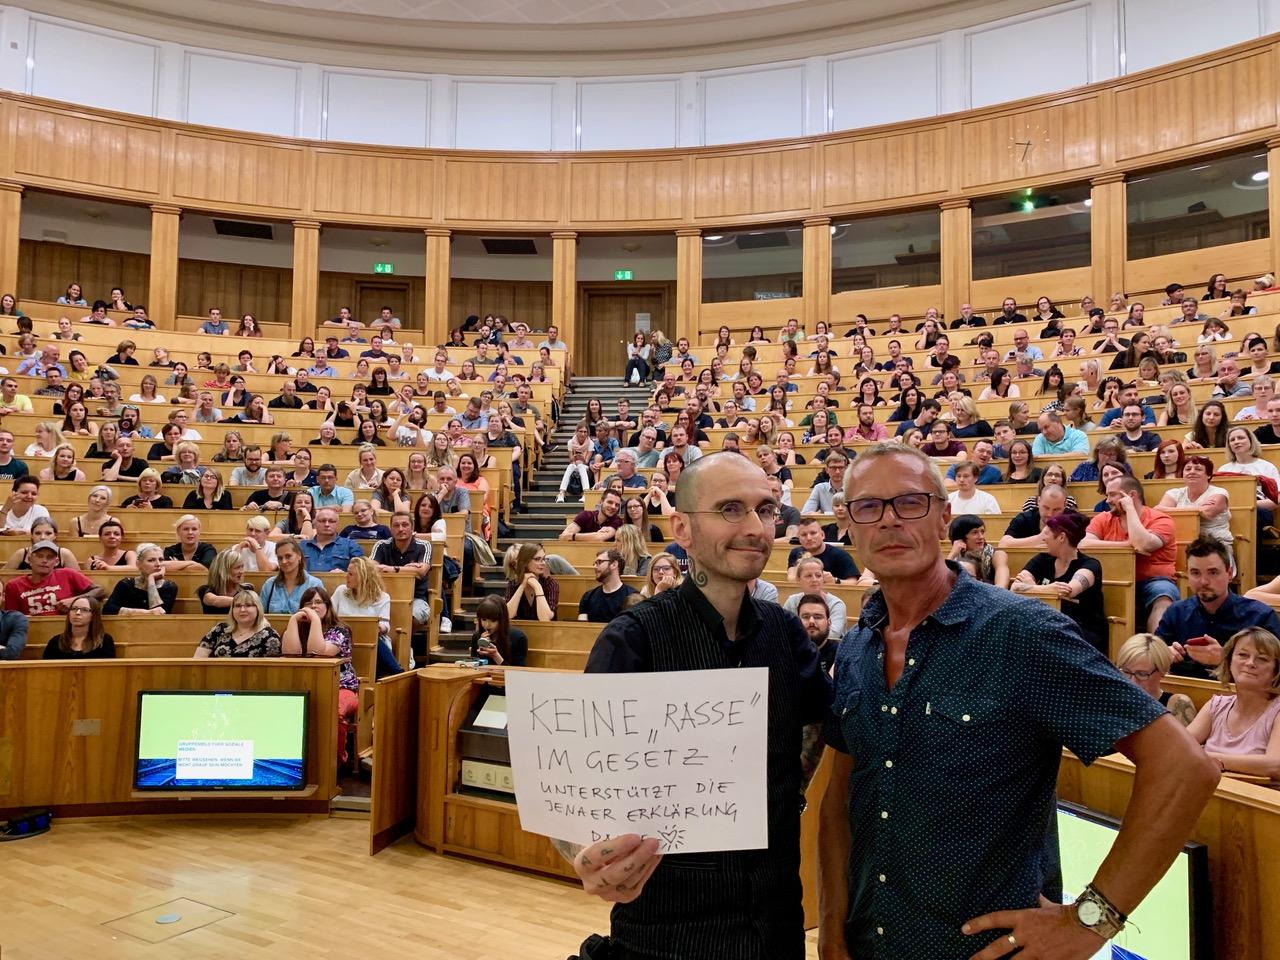 Kriminalbiologe Dr. Mark Benecke bei einem kriminalbiologischen Vortrag in einem Hörsaal der Universität Jena, September 2019